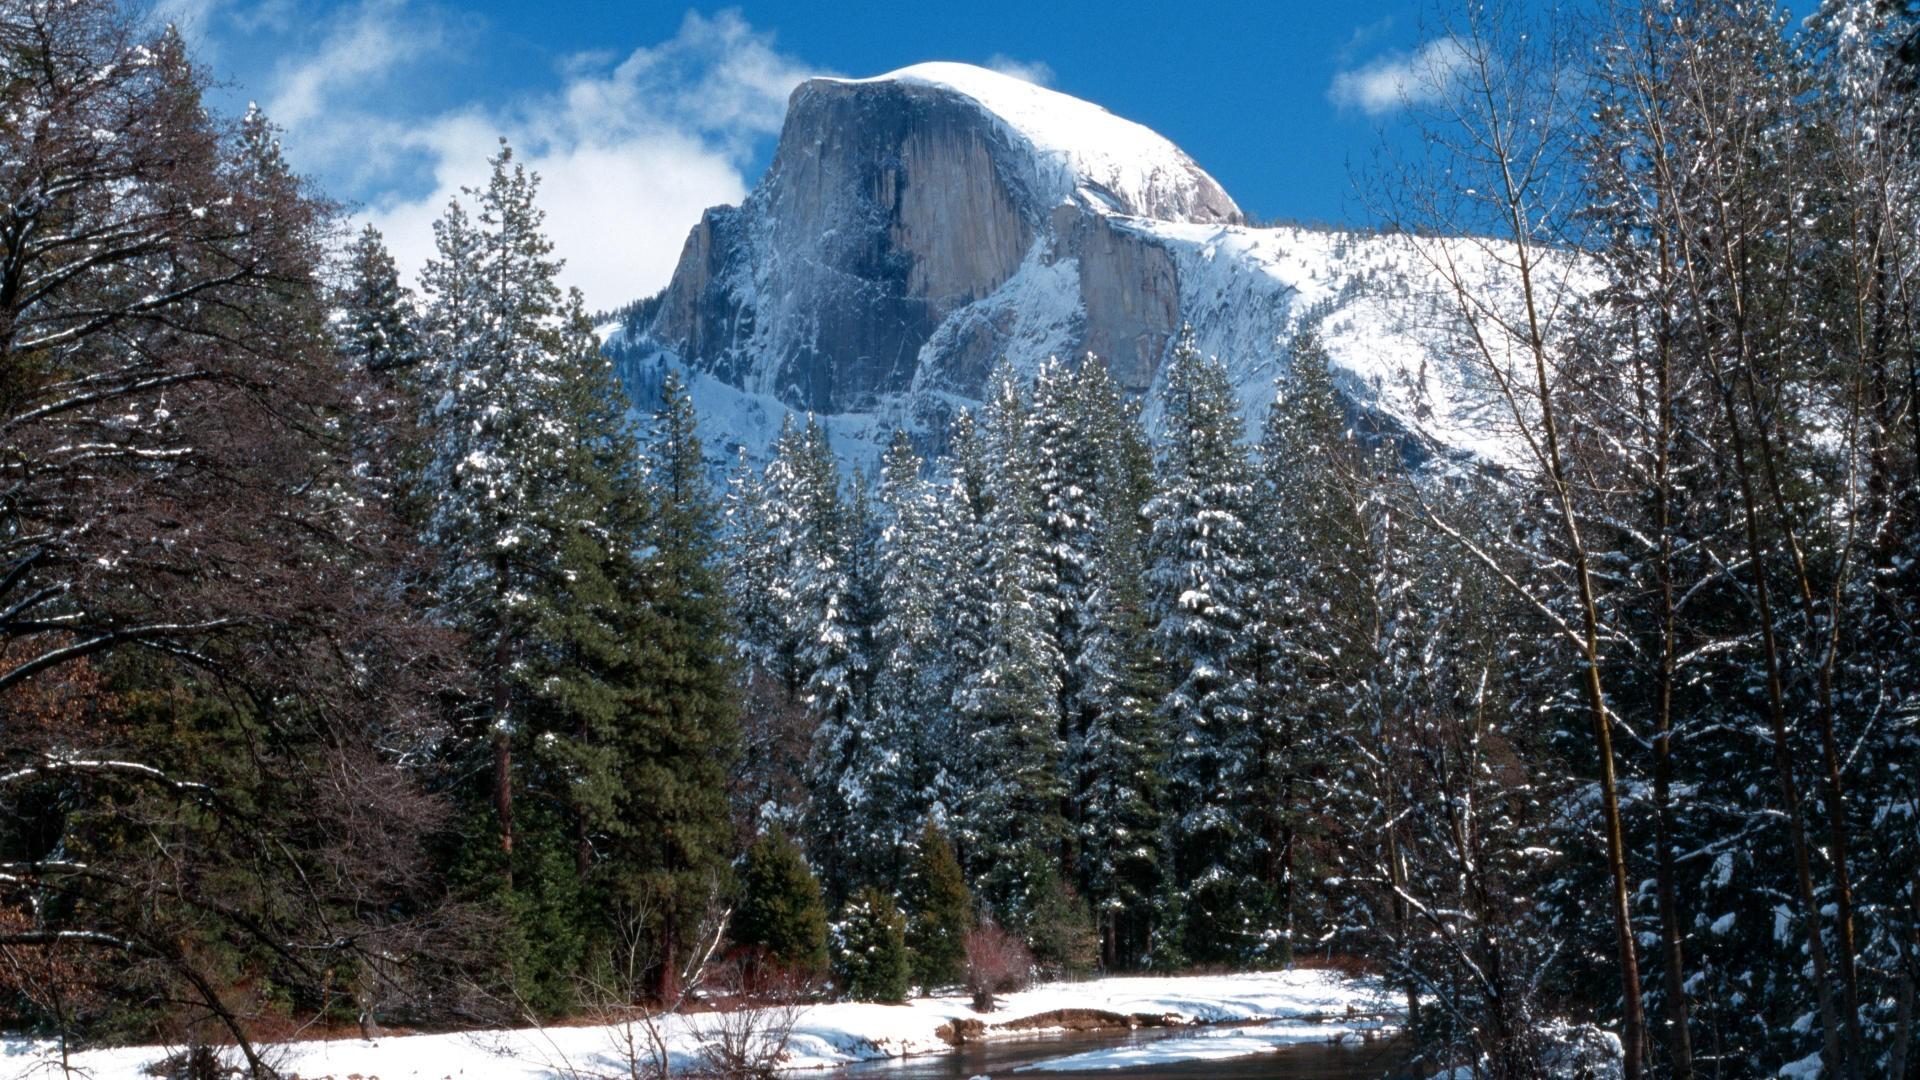 Fondos HD de Yosemite Fondos de pantalla de Estados Unidos 1920x1080